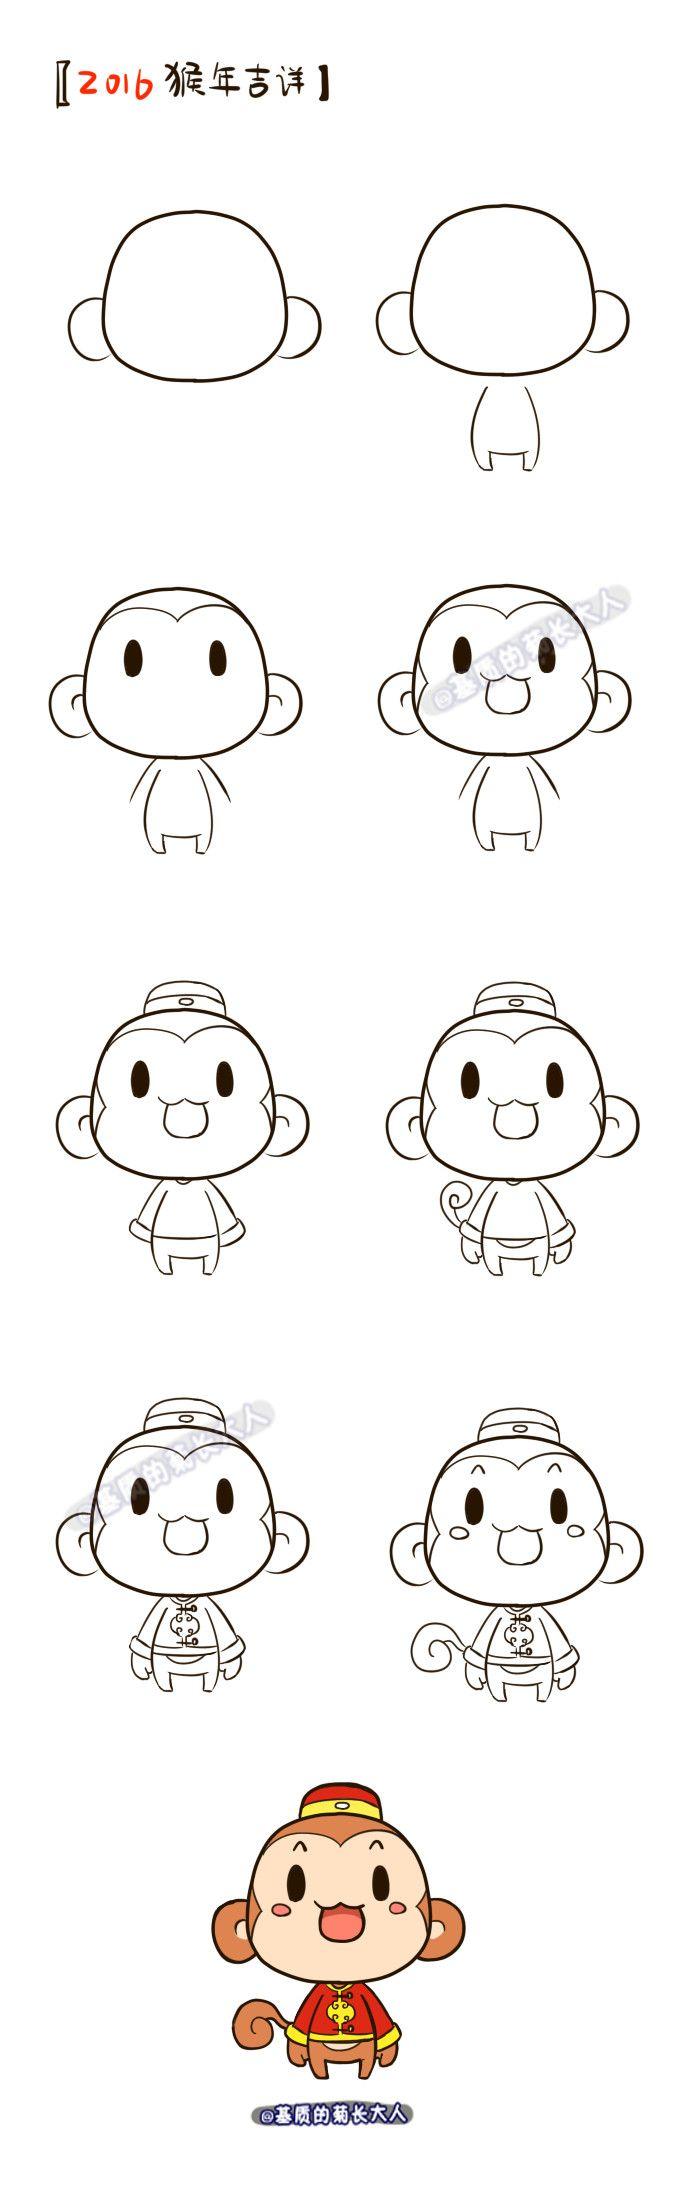 2016,新年快乐!萌猴